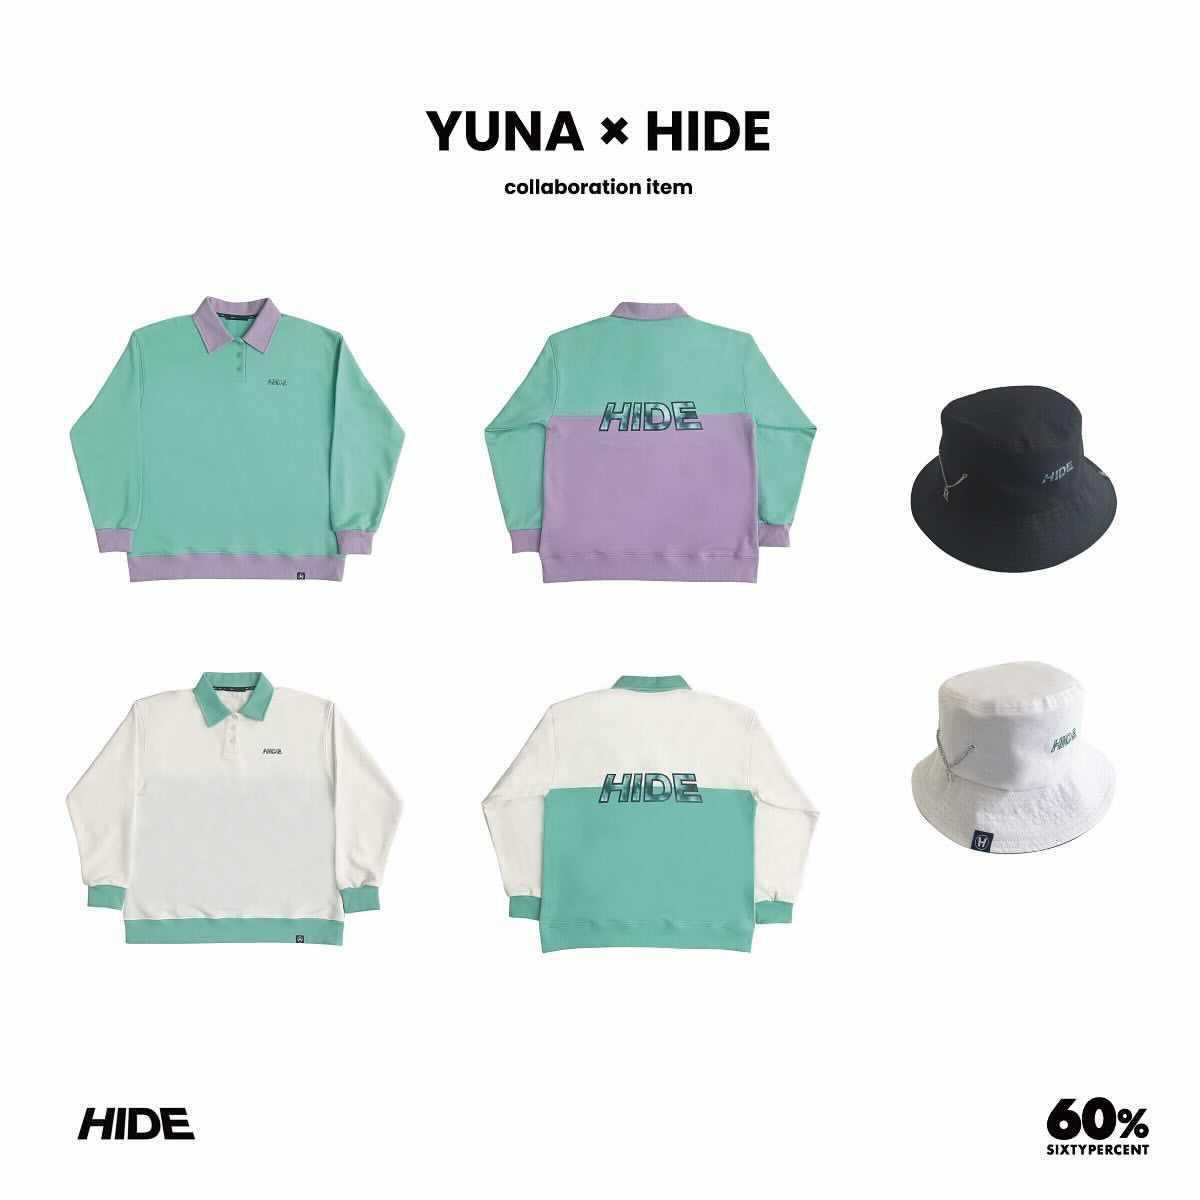 ユナ ハイド コラボレーション 60% 通販 商品 Yuna Hide collaboration item sixty percent